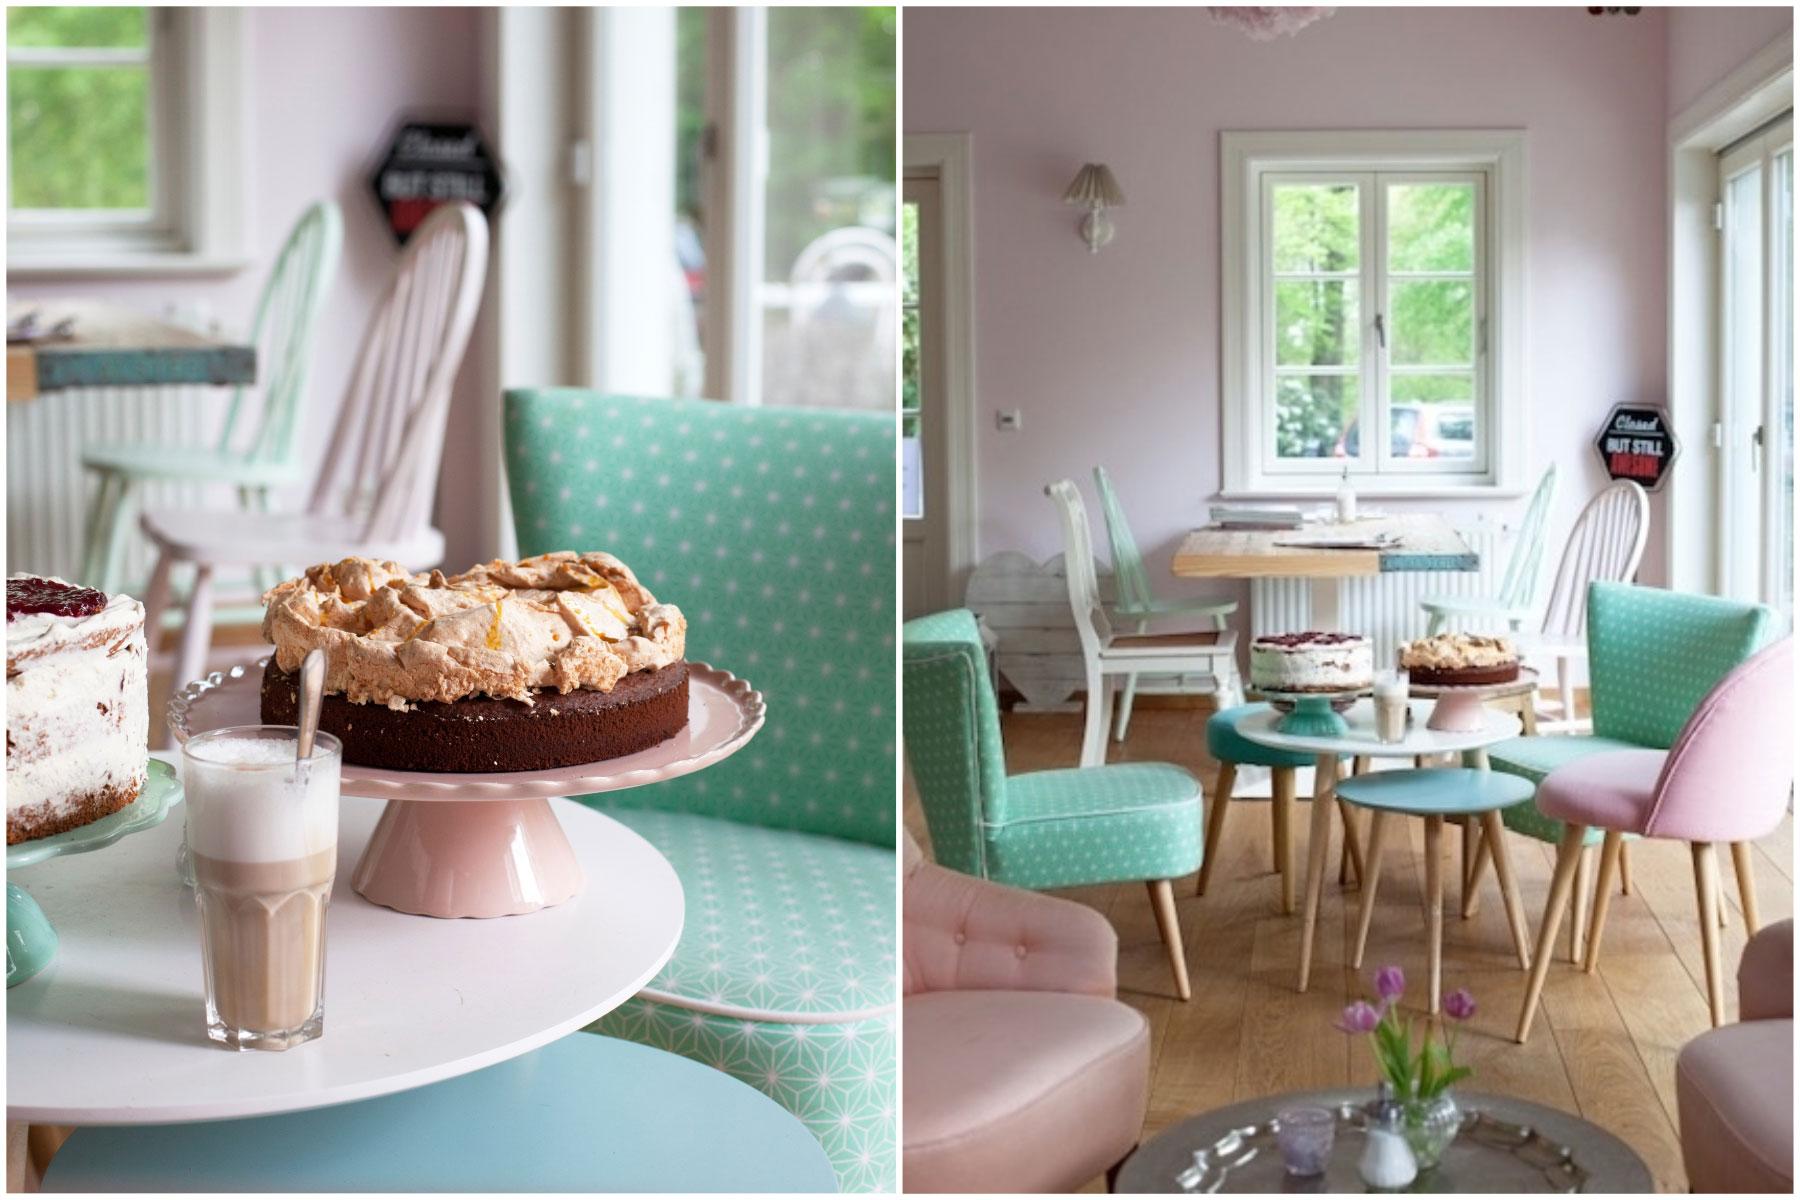 Geheimtipp Hamburg Harburg Café Einfach Rosa 005